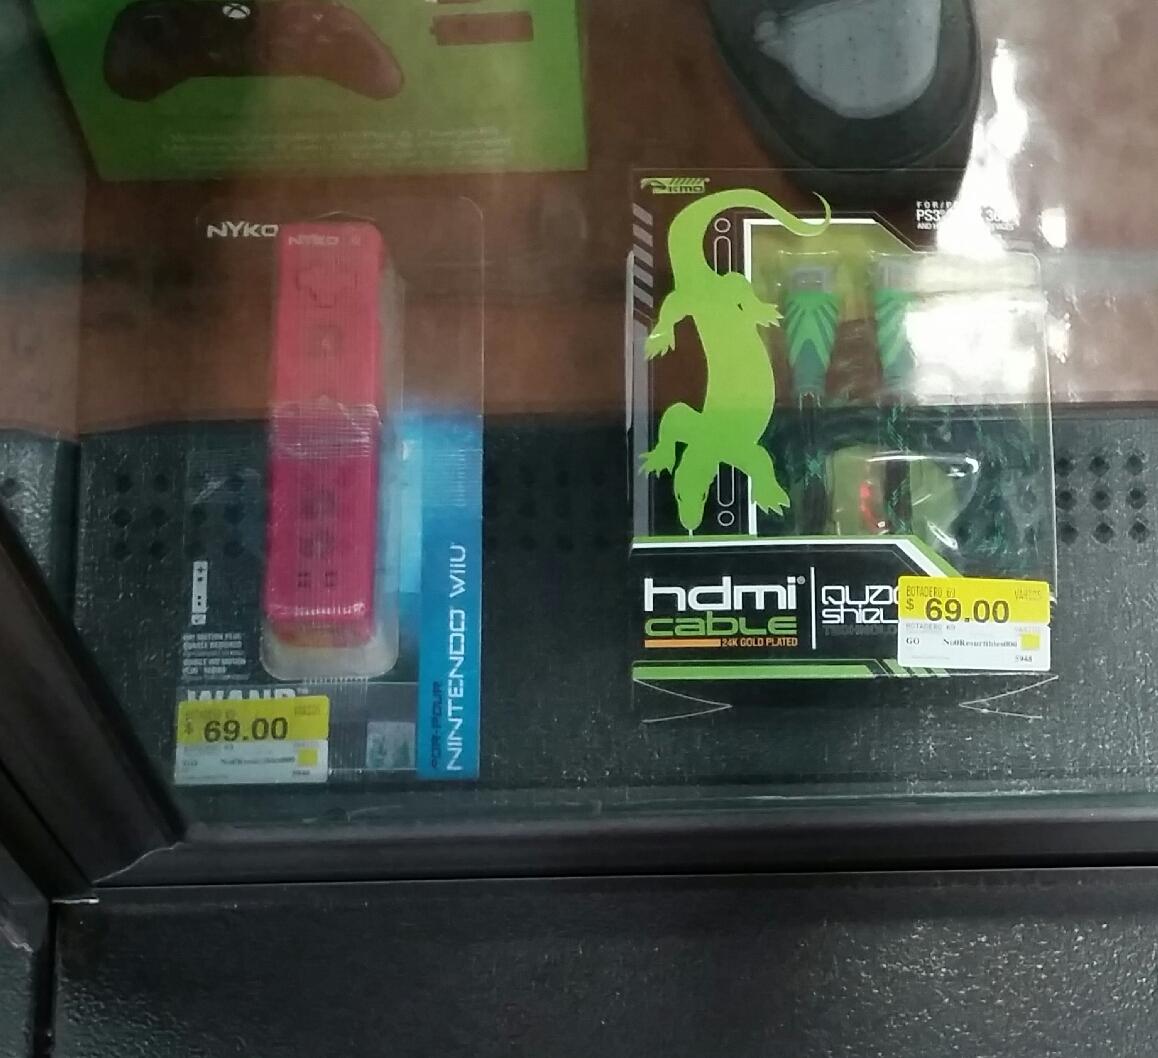 Walmart: Controles y Accesorios para Wii, PS3 y otros